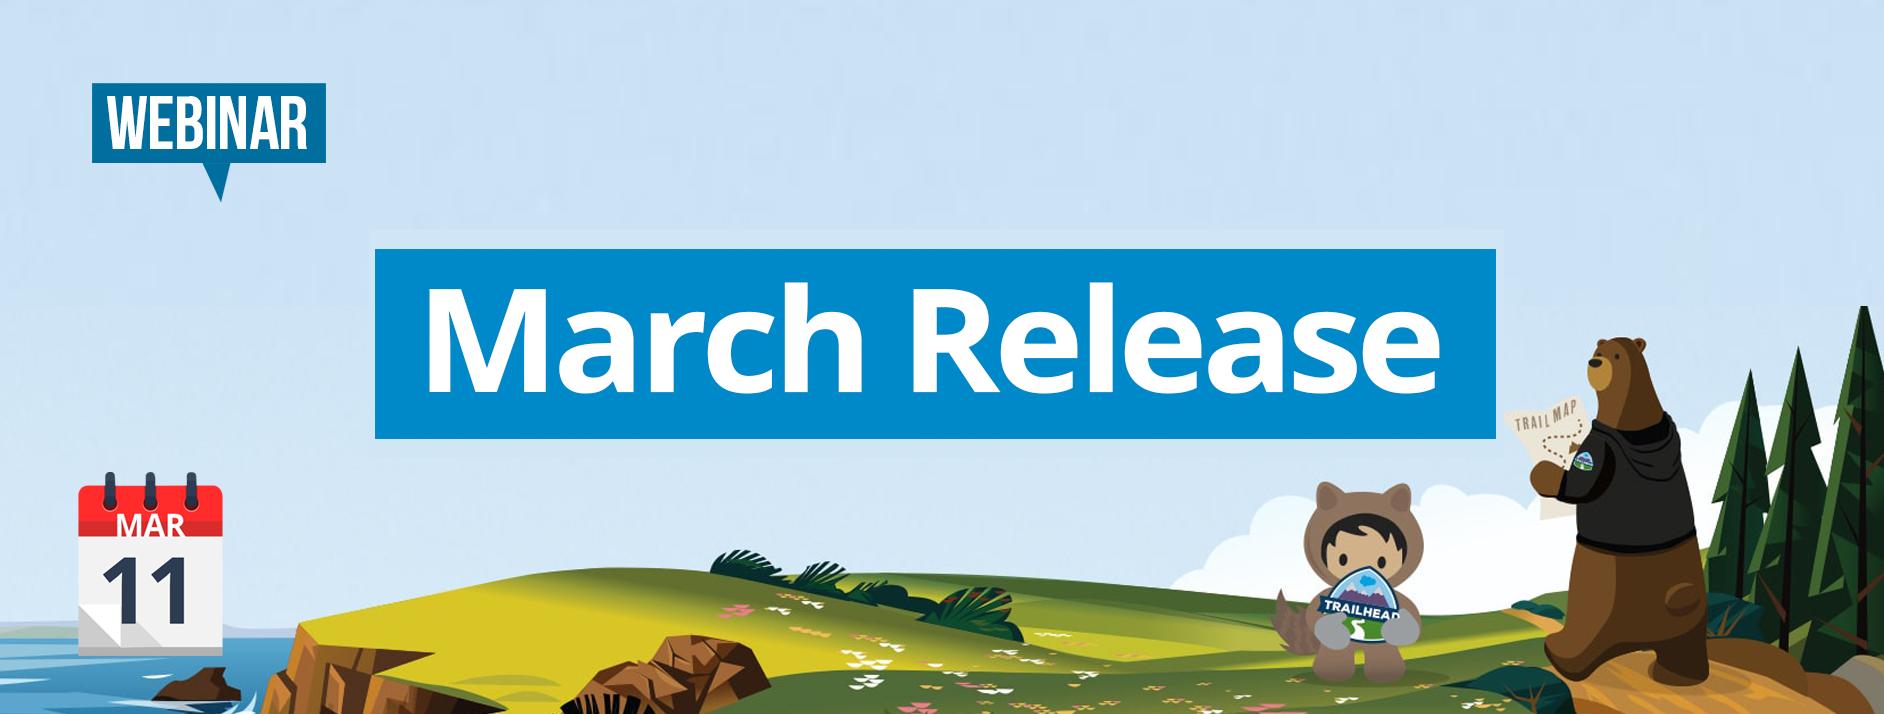 Netive VMS March Release webinar